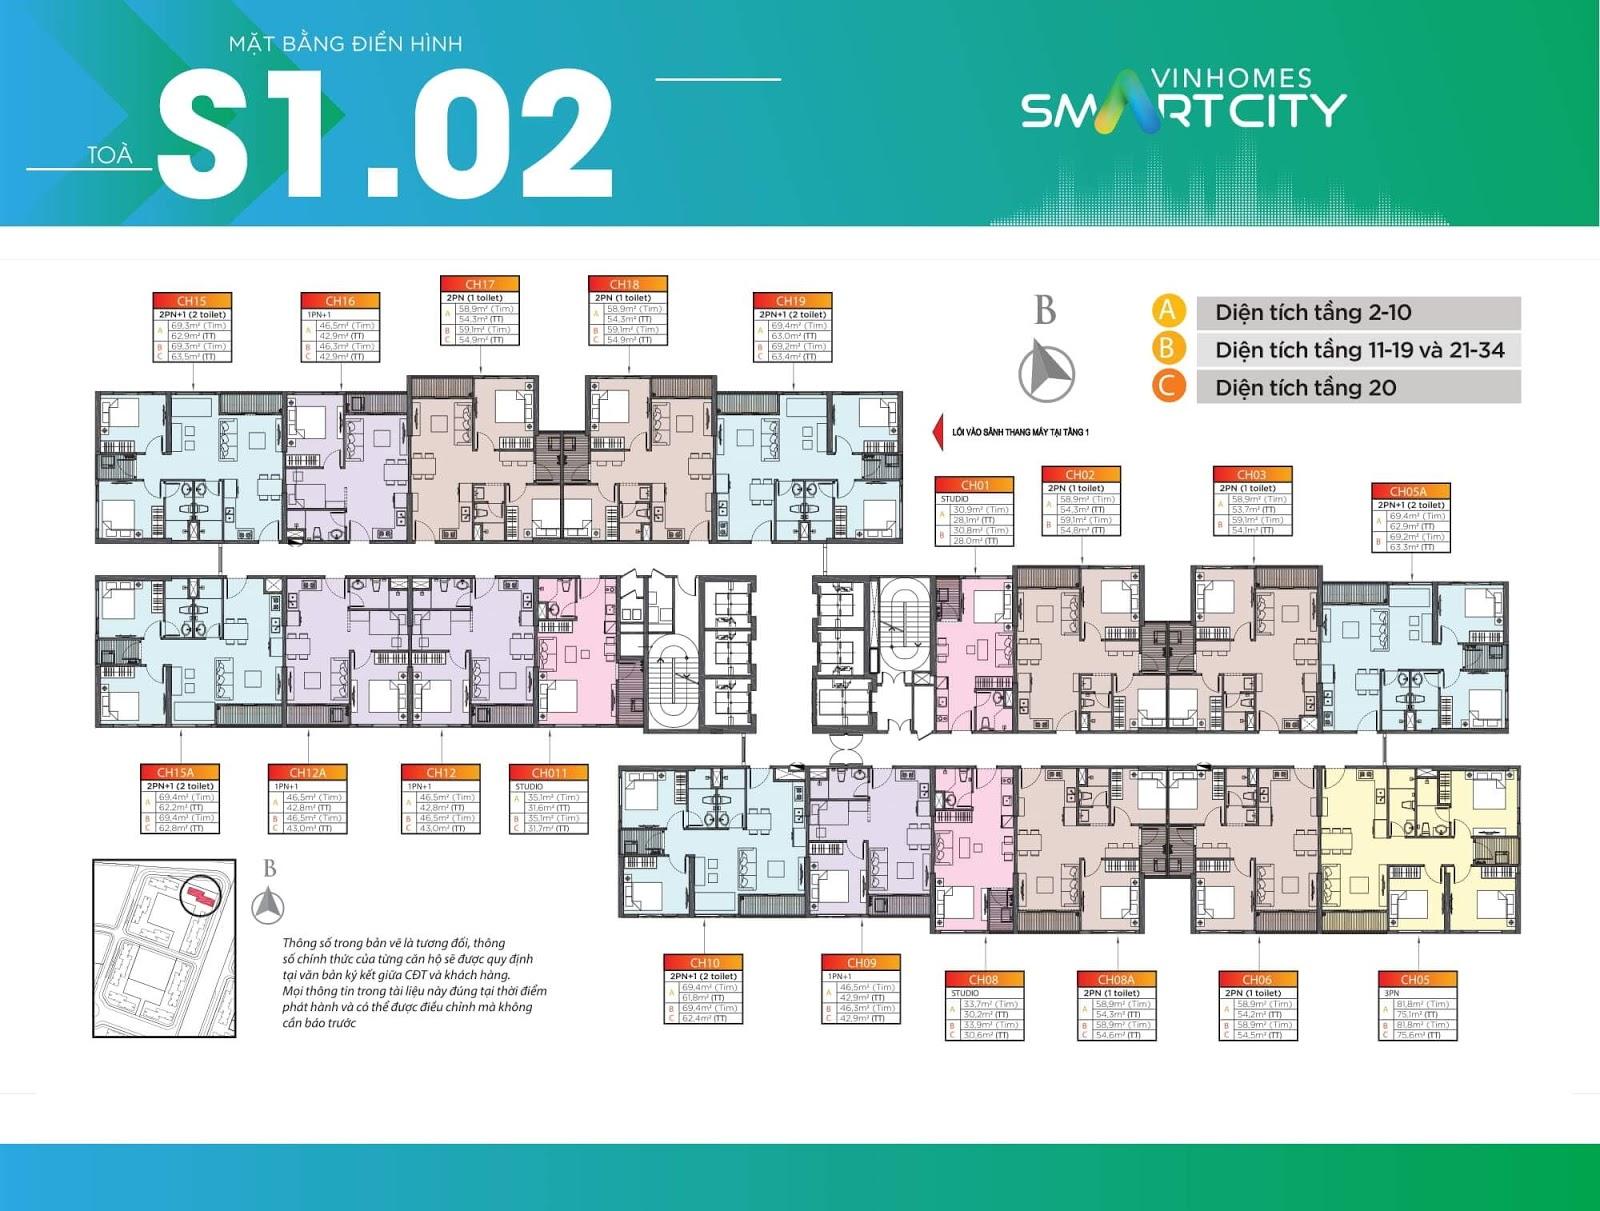 Mặt bằng điển hình toà S1-02 Vinhomes Smart City